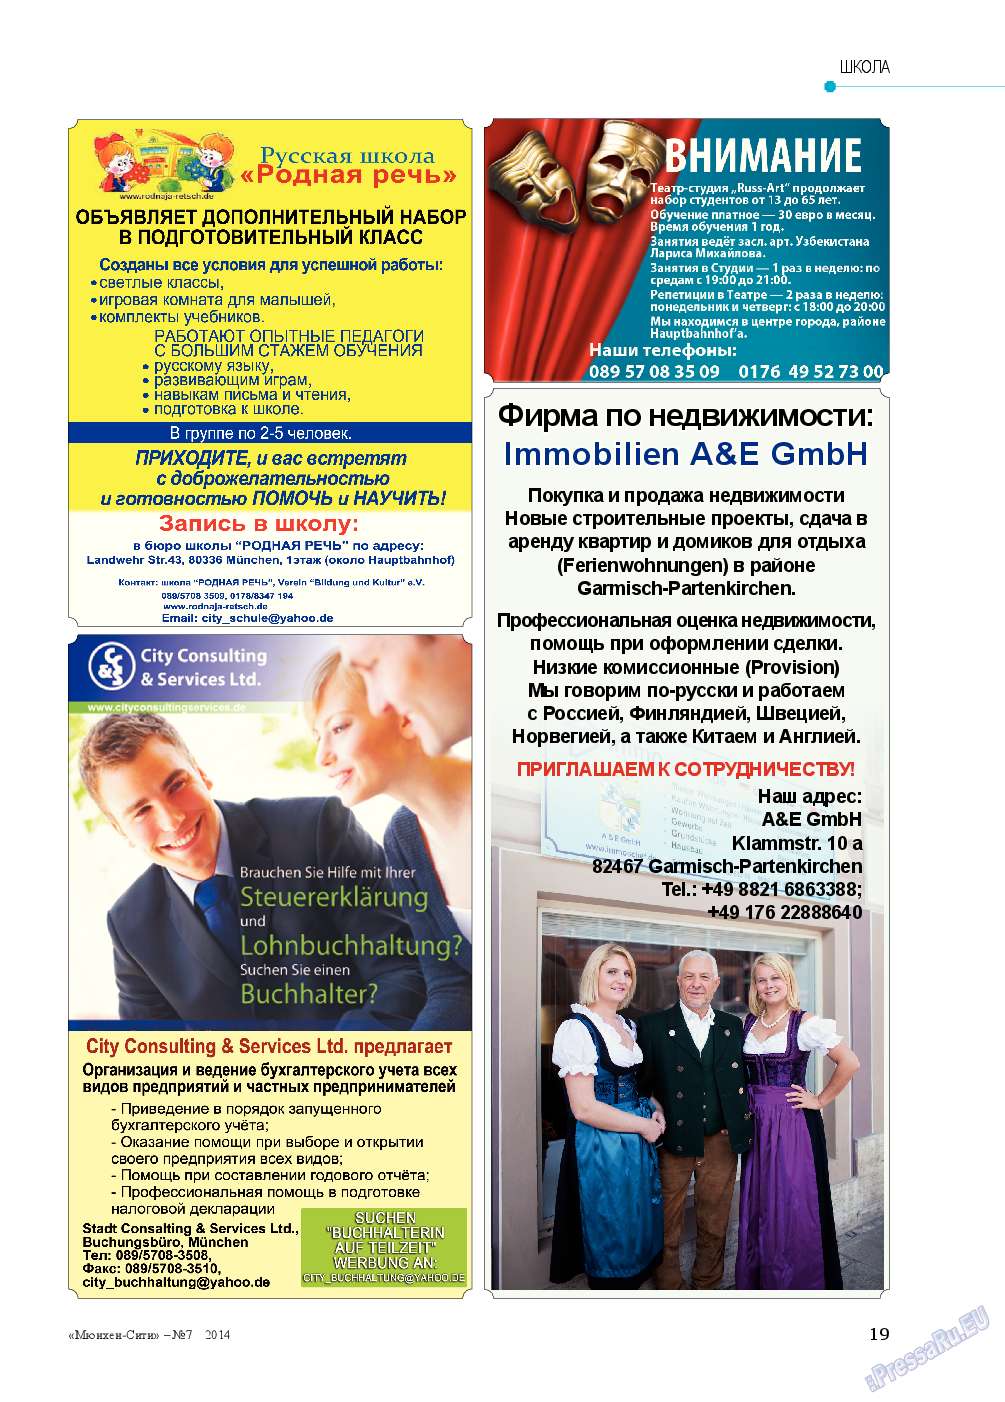 Мюнхен-сити (журнал). 2014 год, номер 7, стр. 19